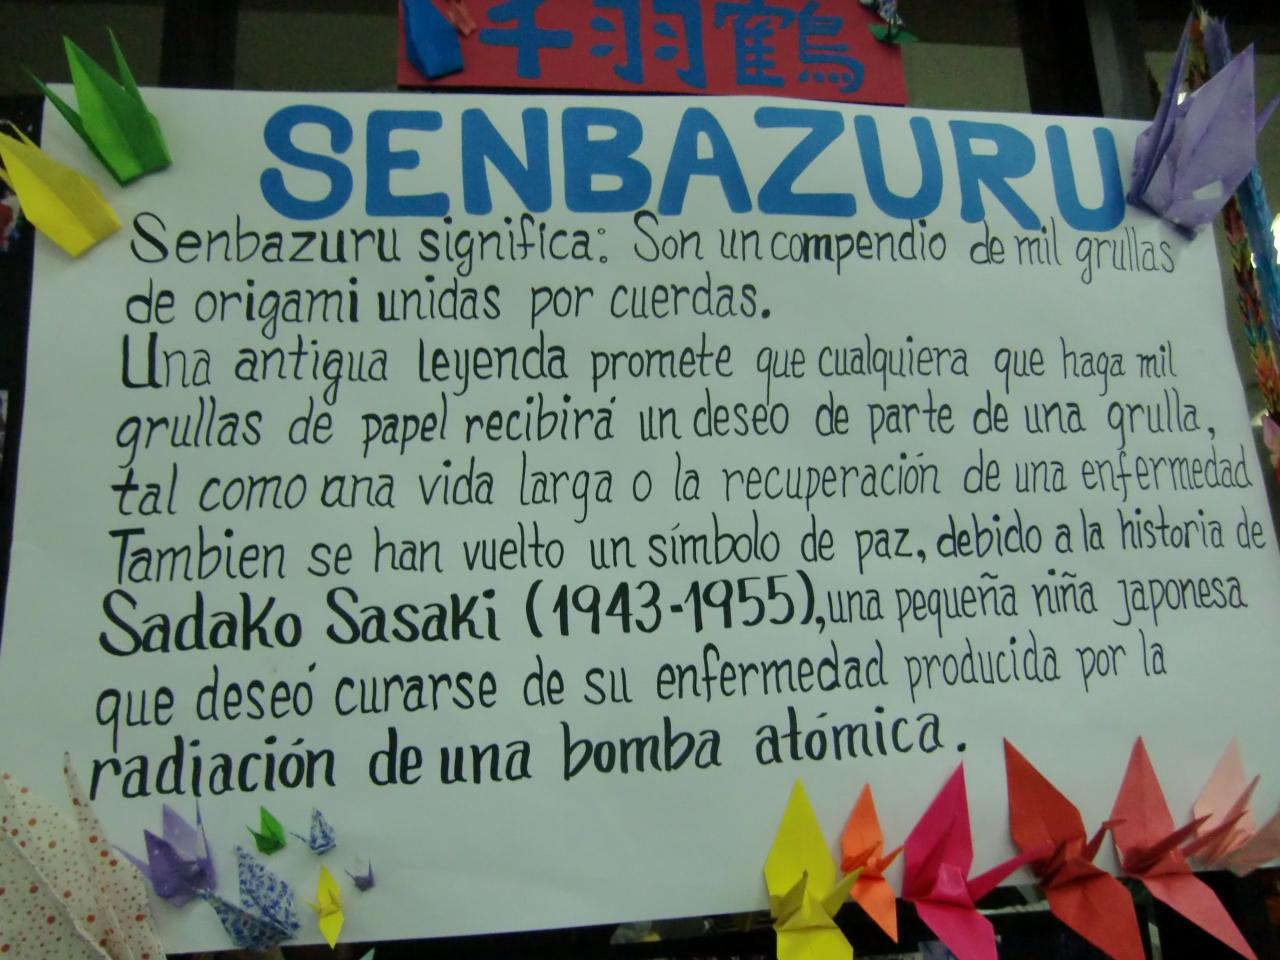 南米ボリビア国から東日本大震災...